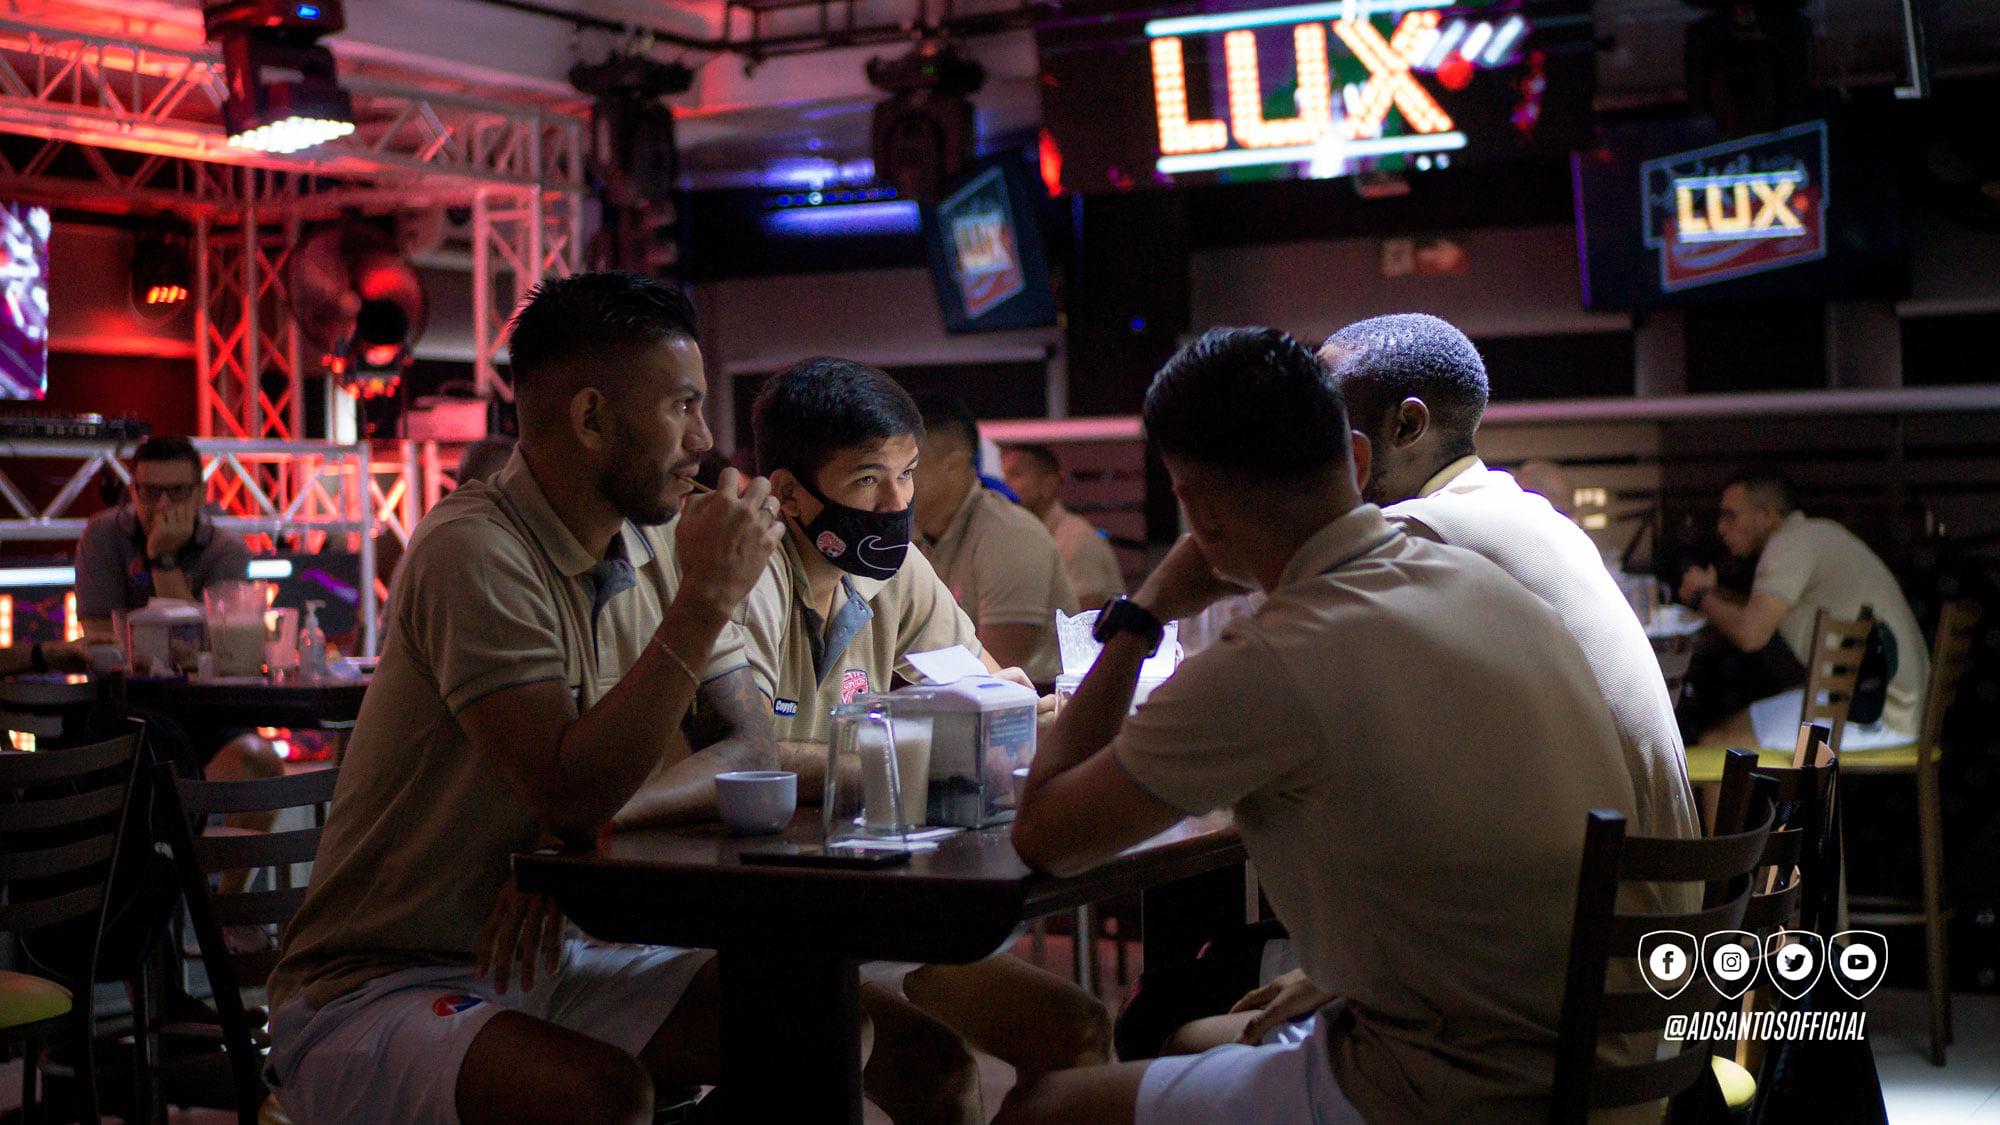 Jugadores de AD Santos en discoteca LUX